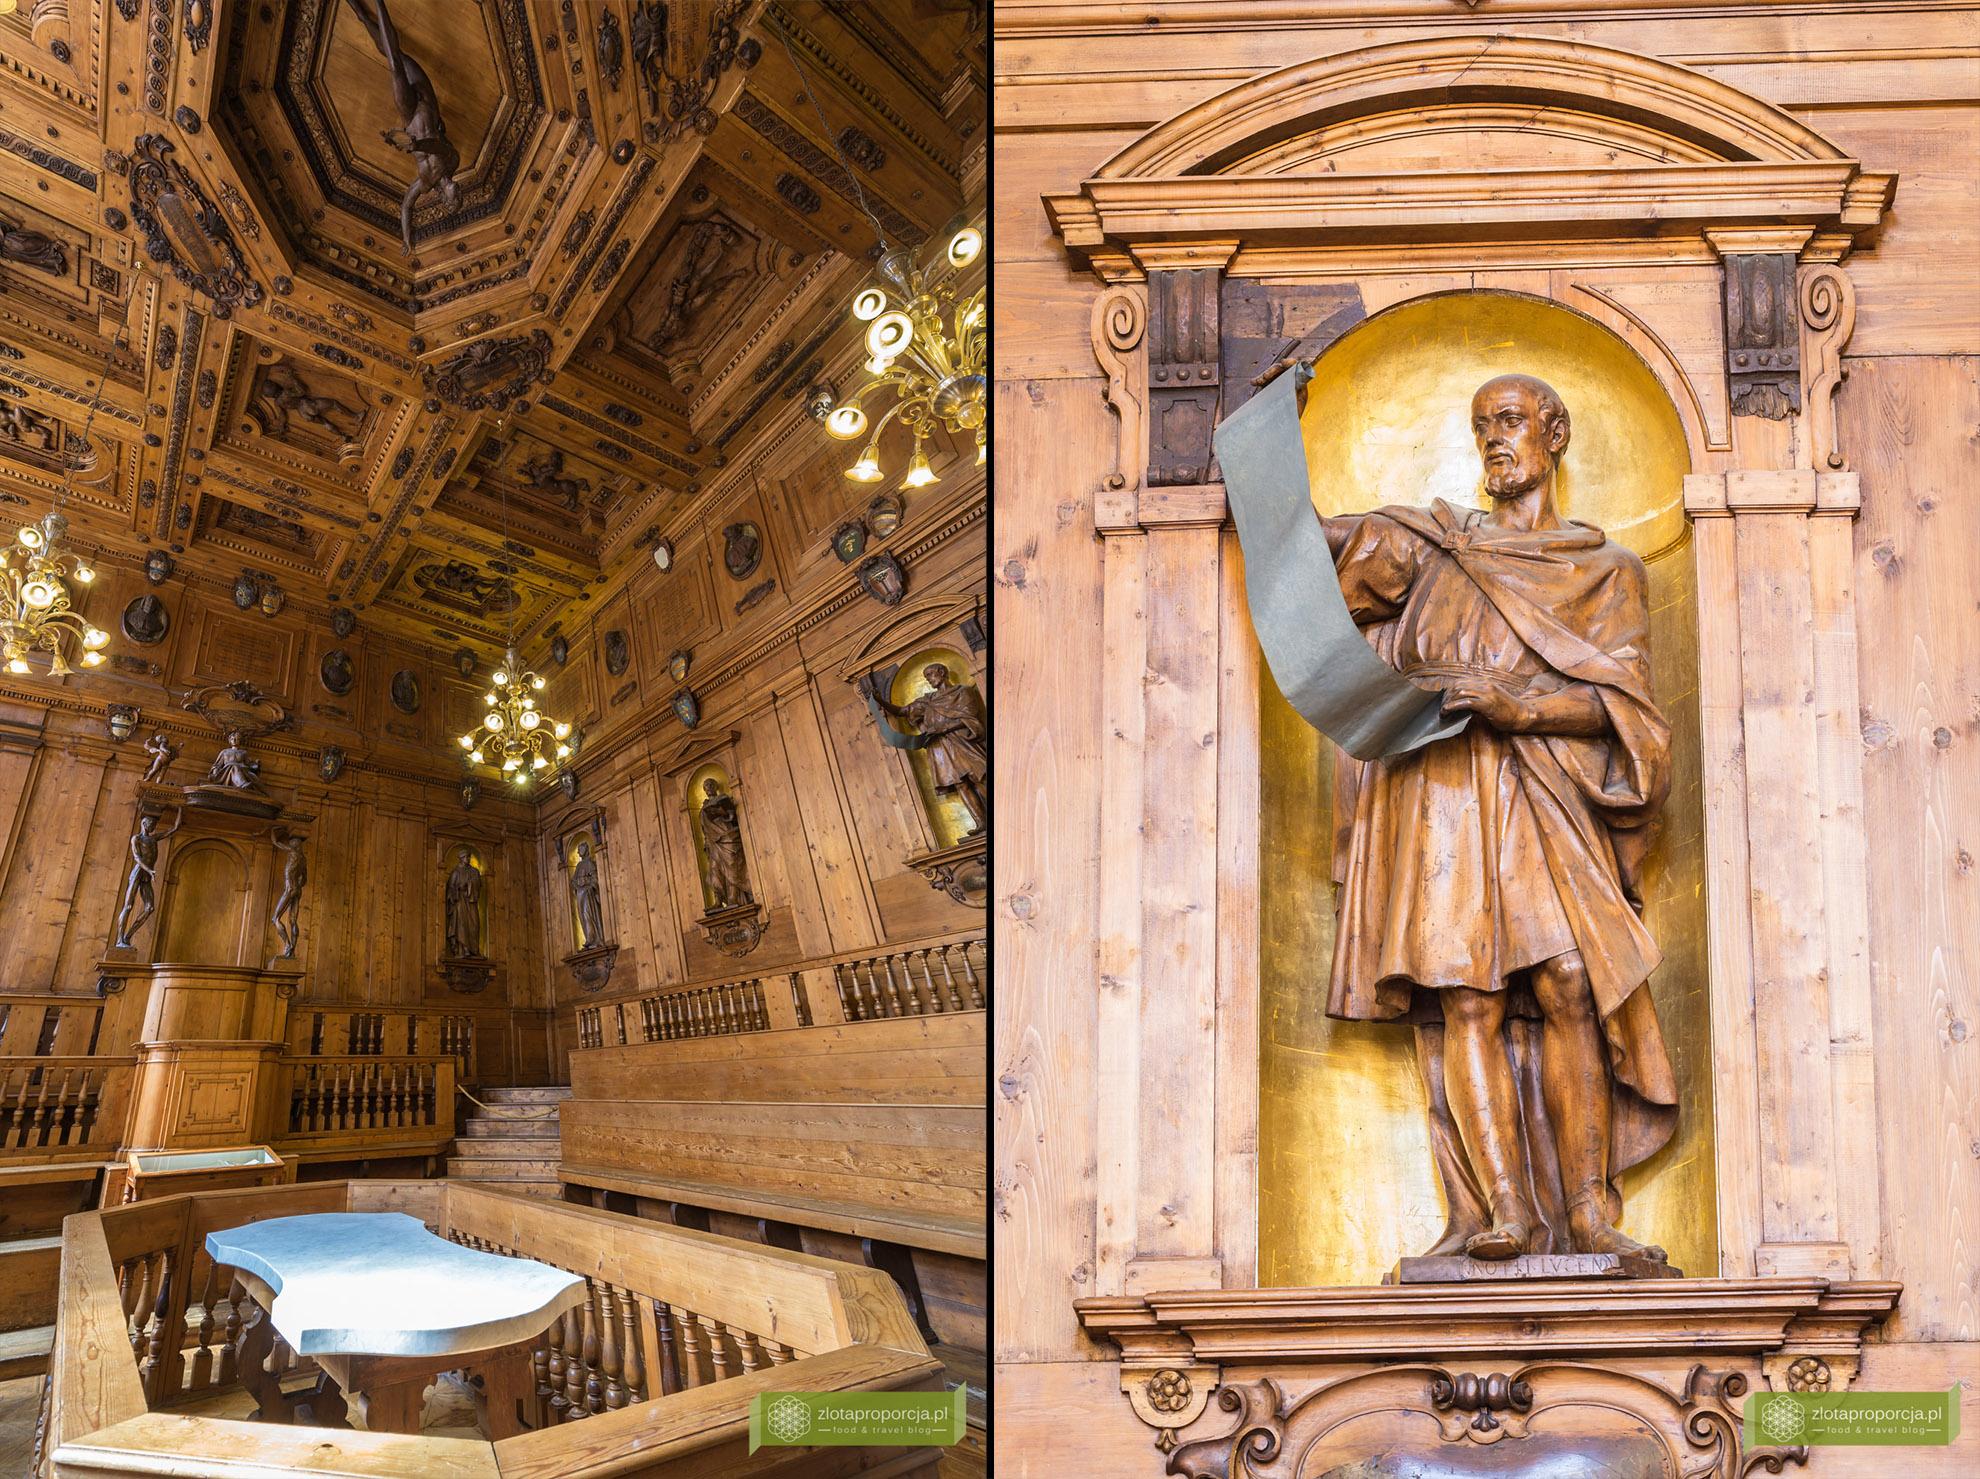 Bolonia, atrakcje Bolonii, Uniwersytet Boloński, Archiginnasio, Teatro Anatomico